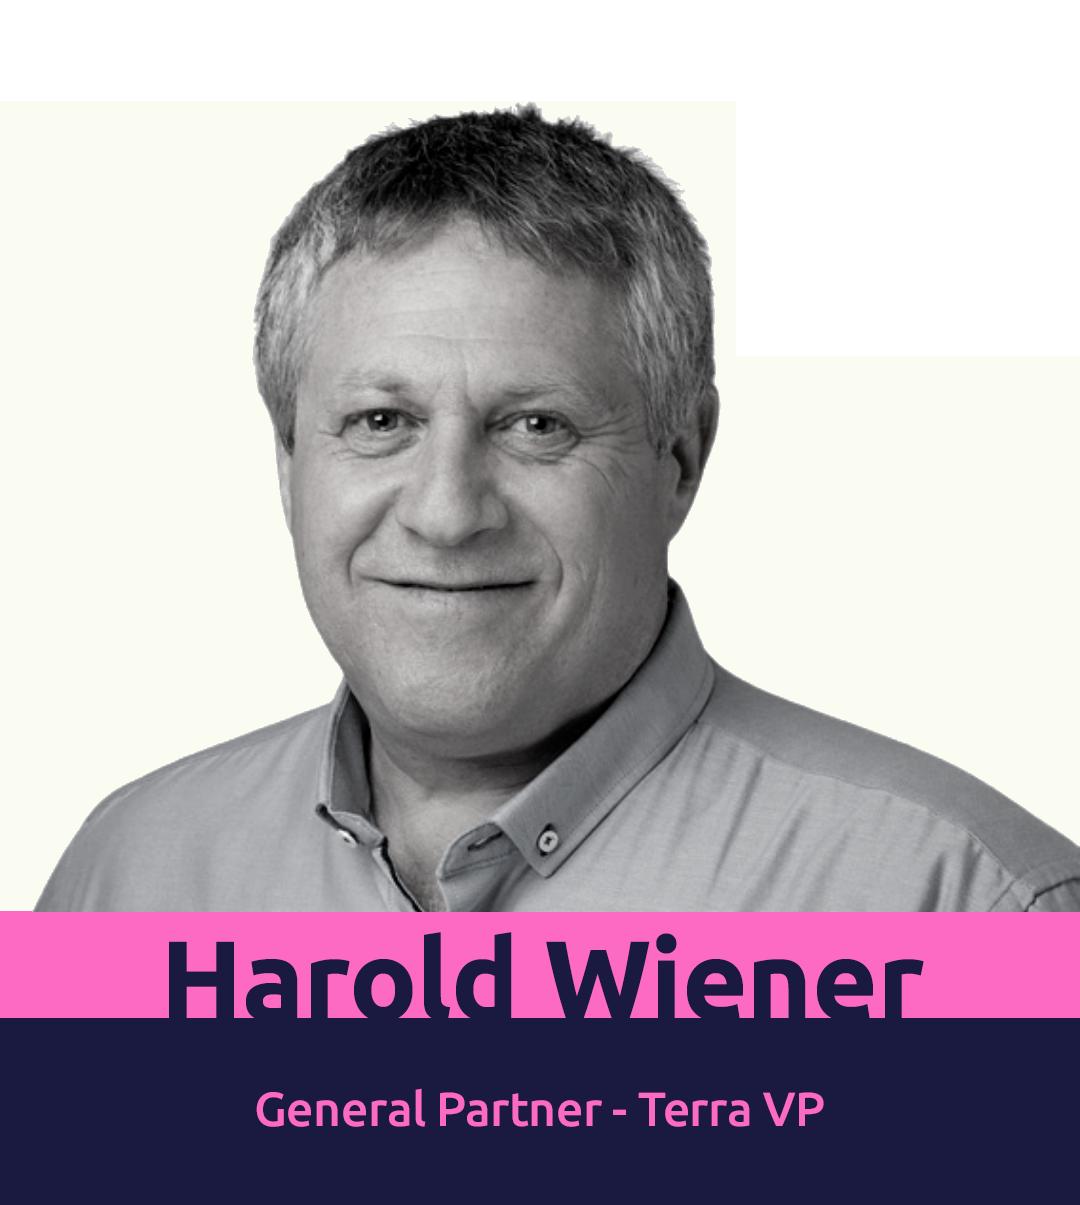 Harold Wiener